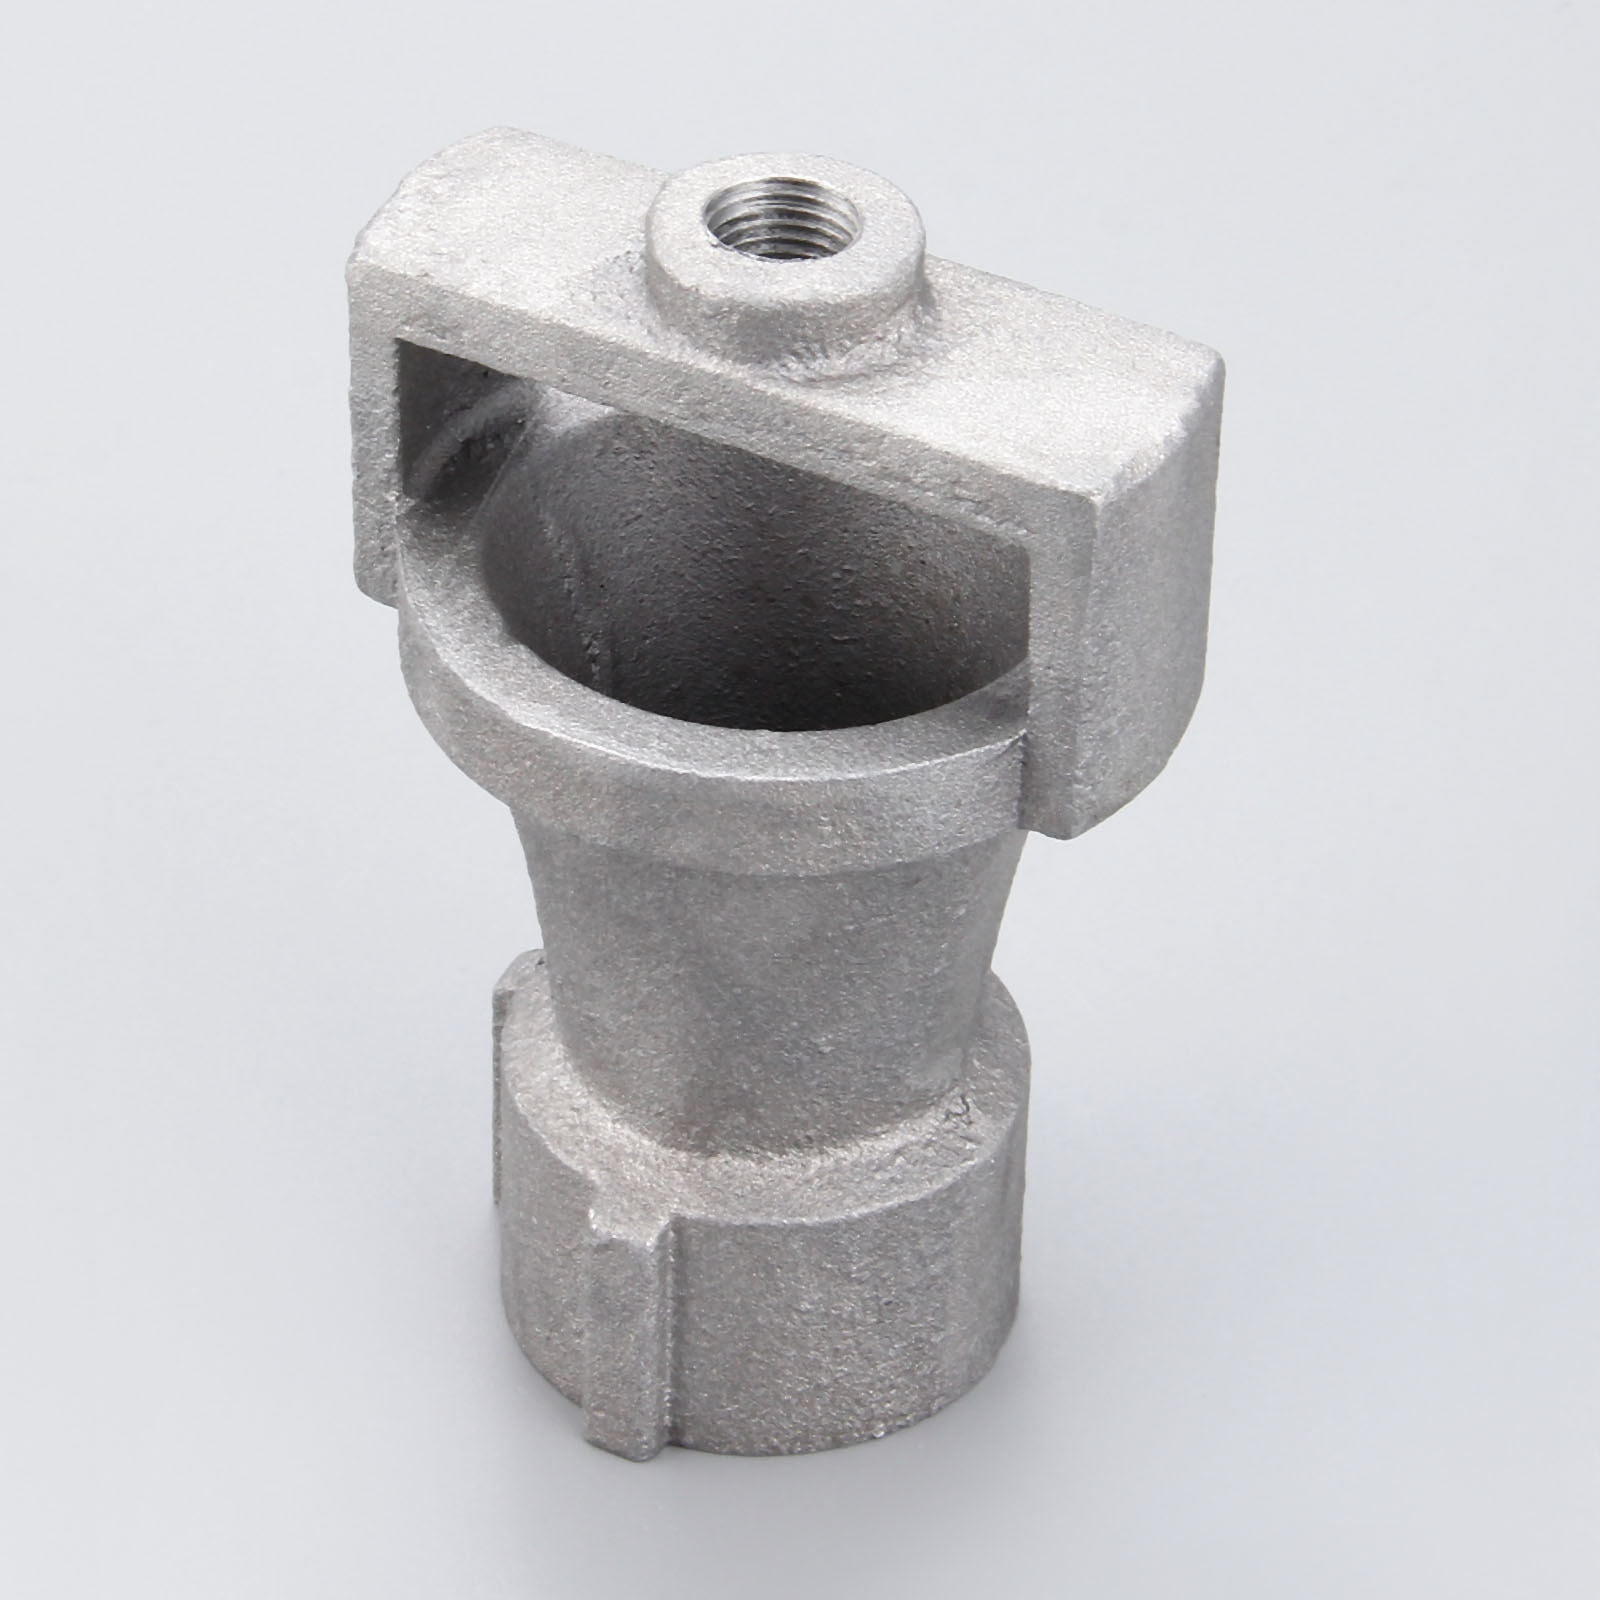 Gas Industry Boiler Heaters Burner Replacements Cast Alumium Venturi Parts 1 BSP 1/4 Thread